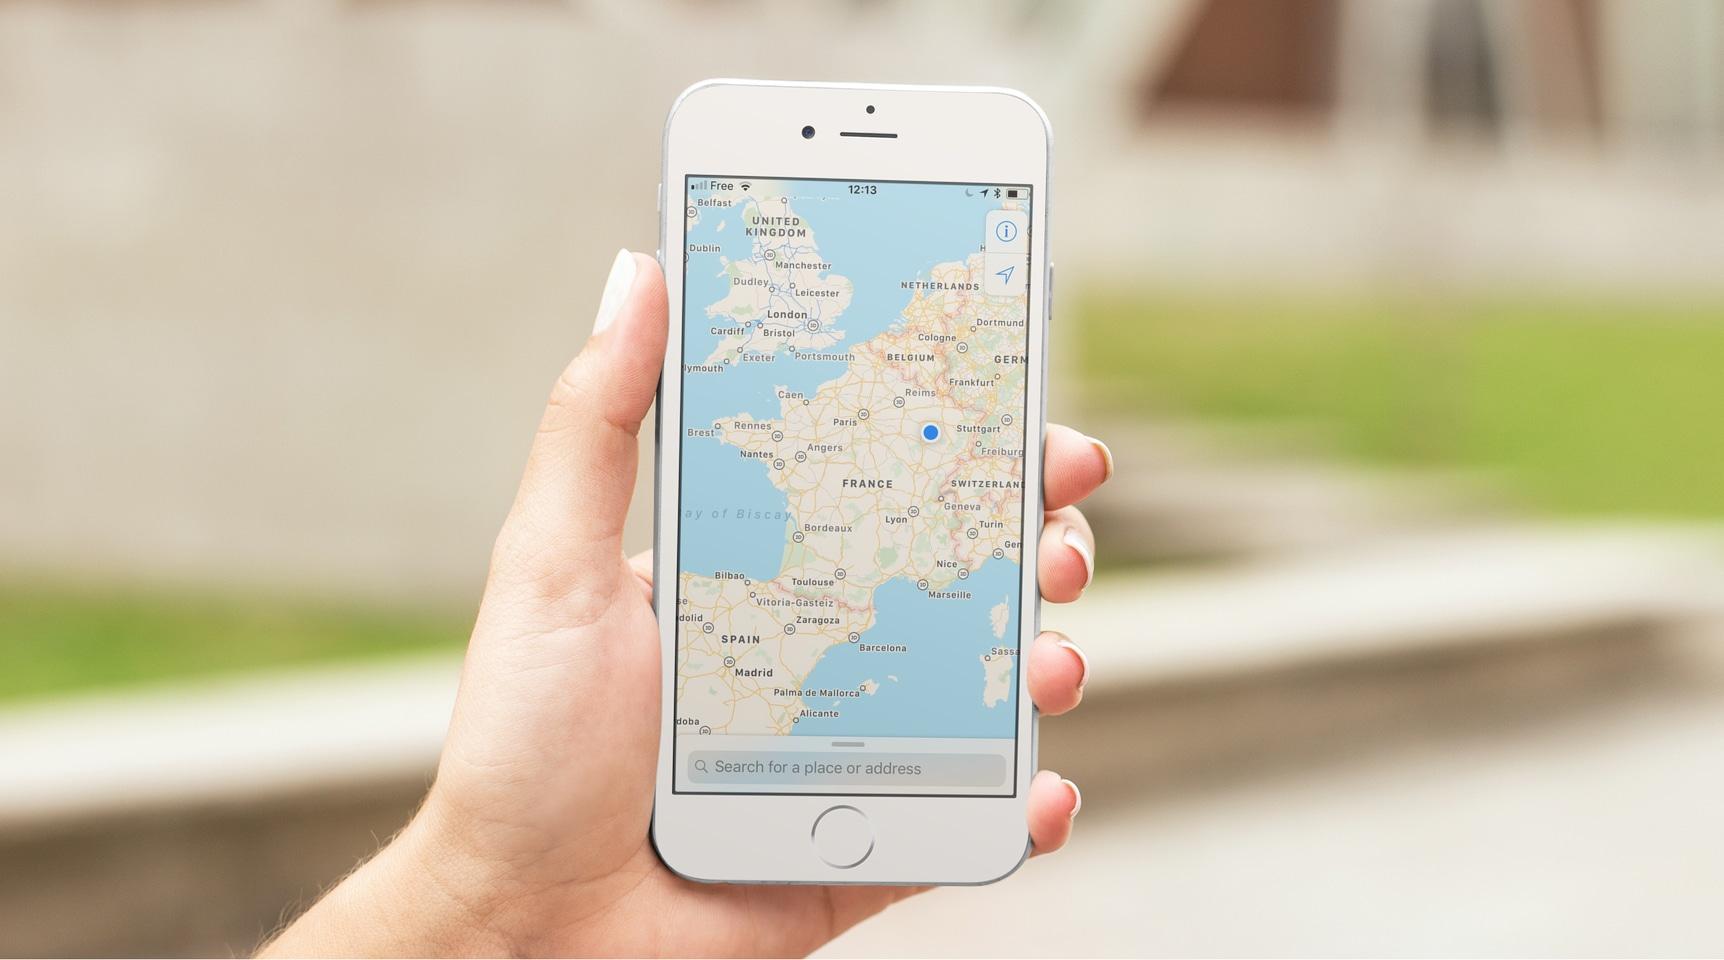 Folgen Sie den Fahrradrouten auf Ihrem Smartphone